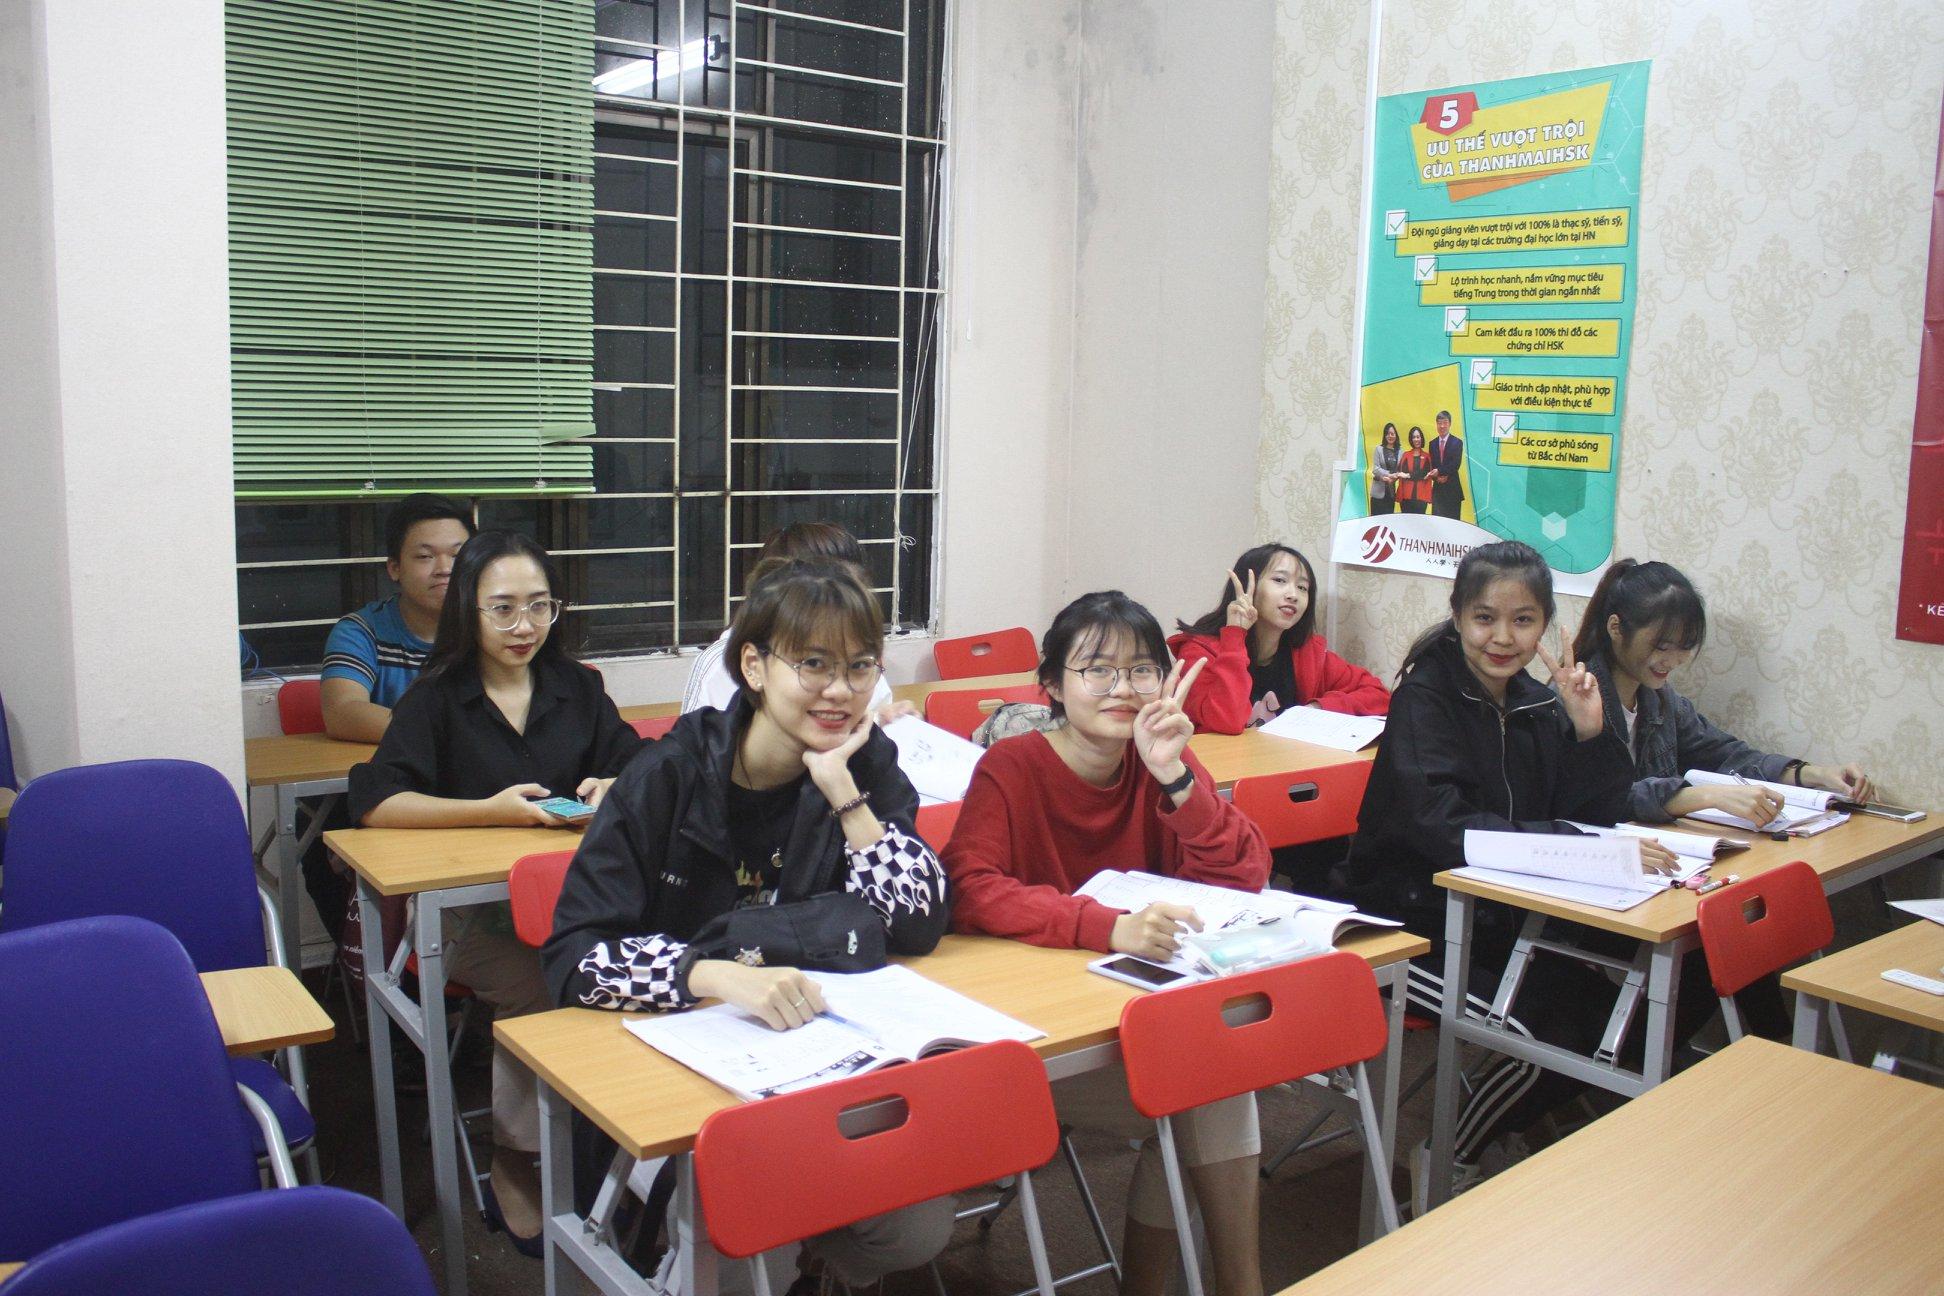 Hình ảnh Học tiếng Trung ở Bắc Ninh uy tín dành cho mọi đối tượng 3